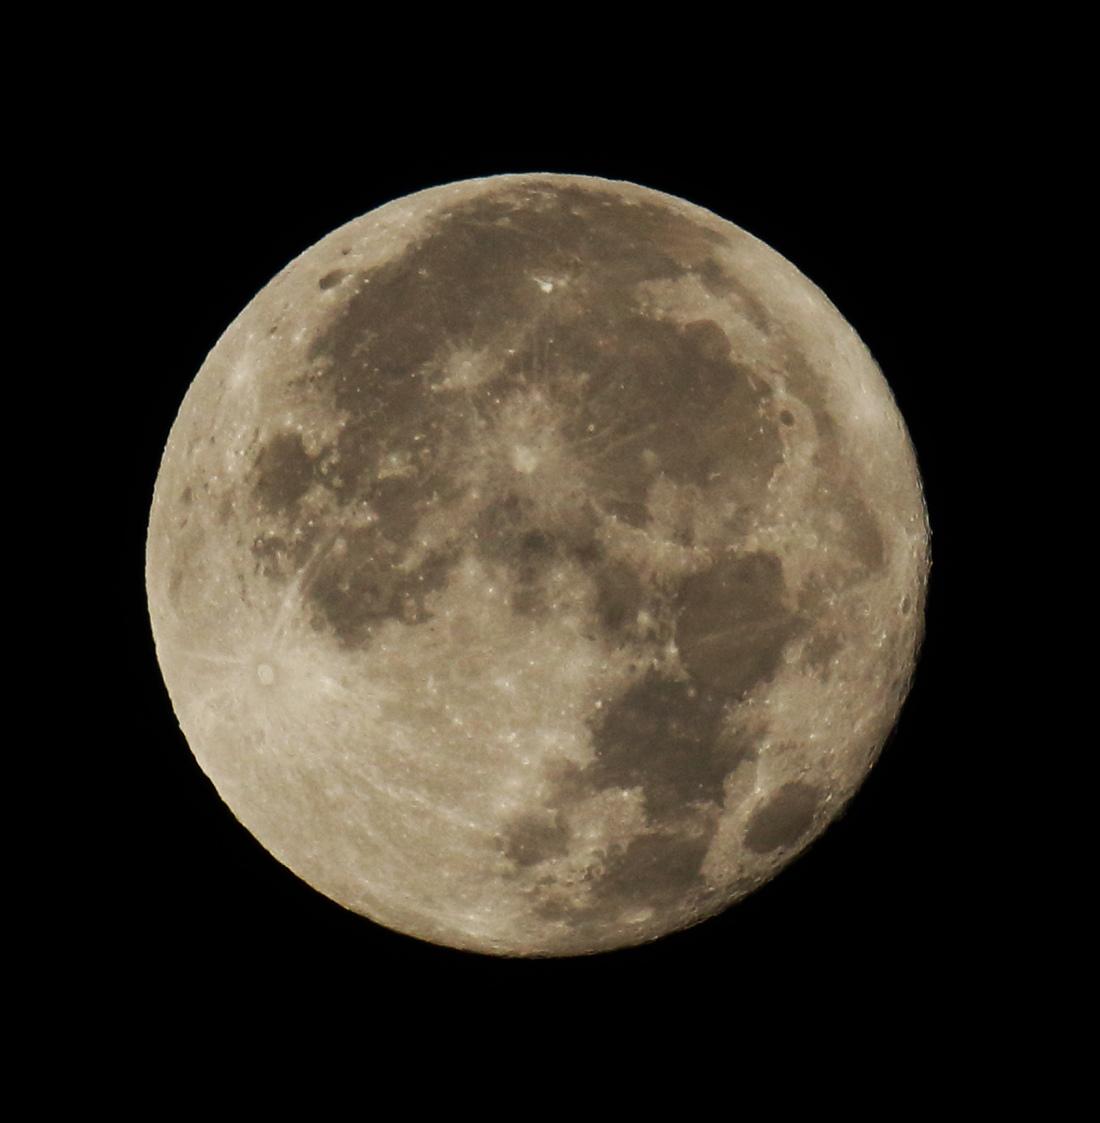 la lune le 13/11/2019 (44418rj/44475 rj)